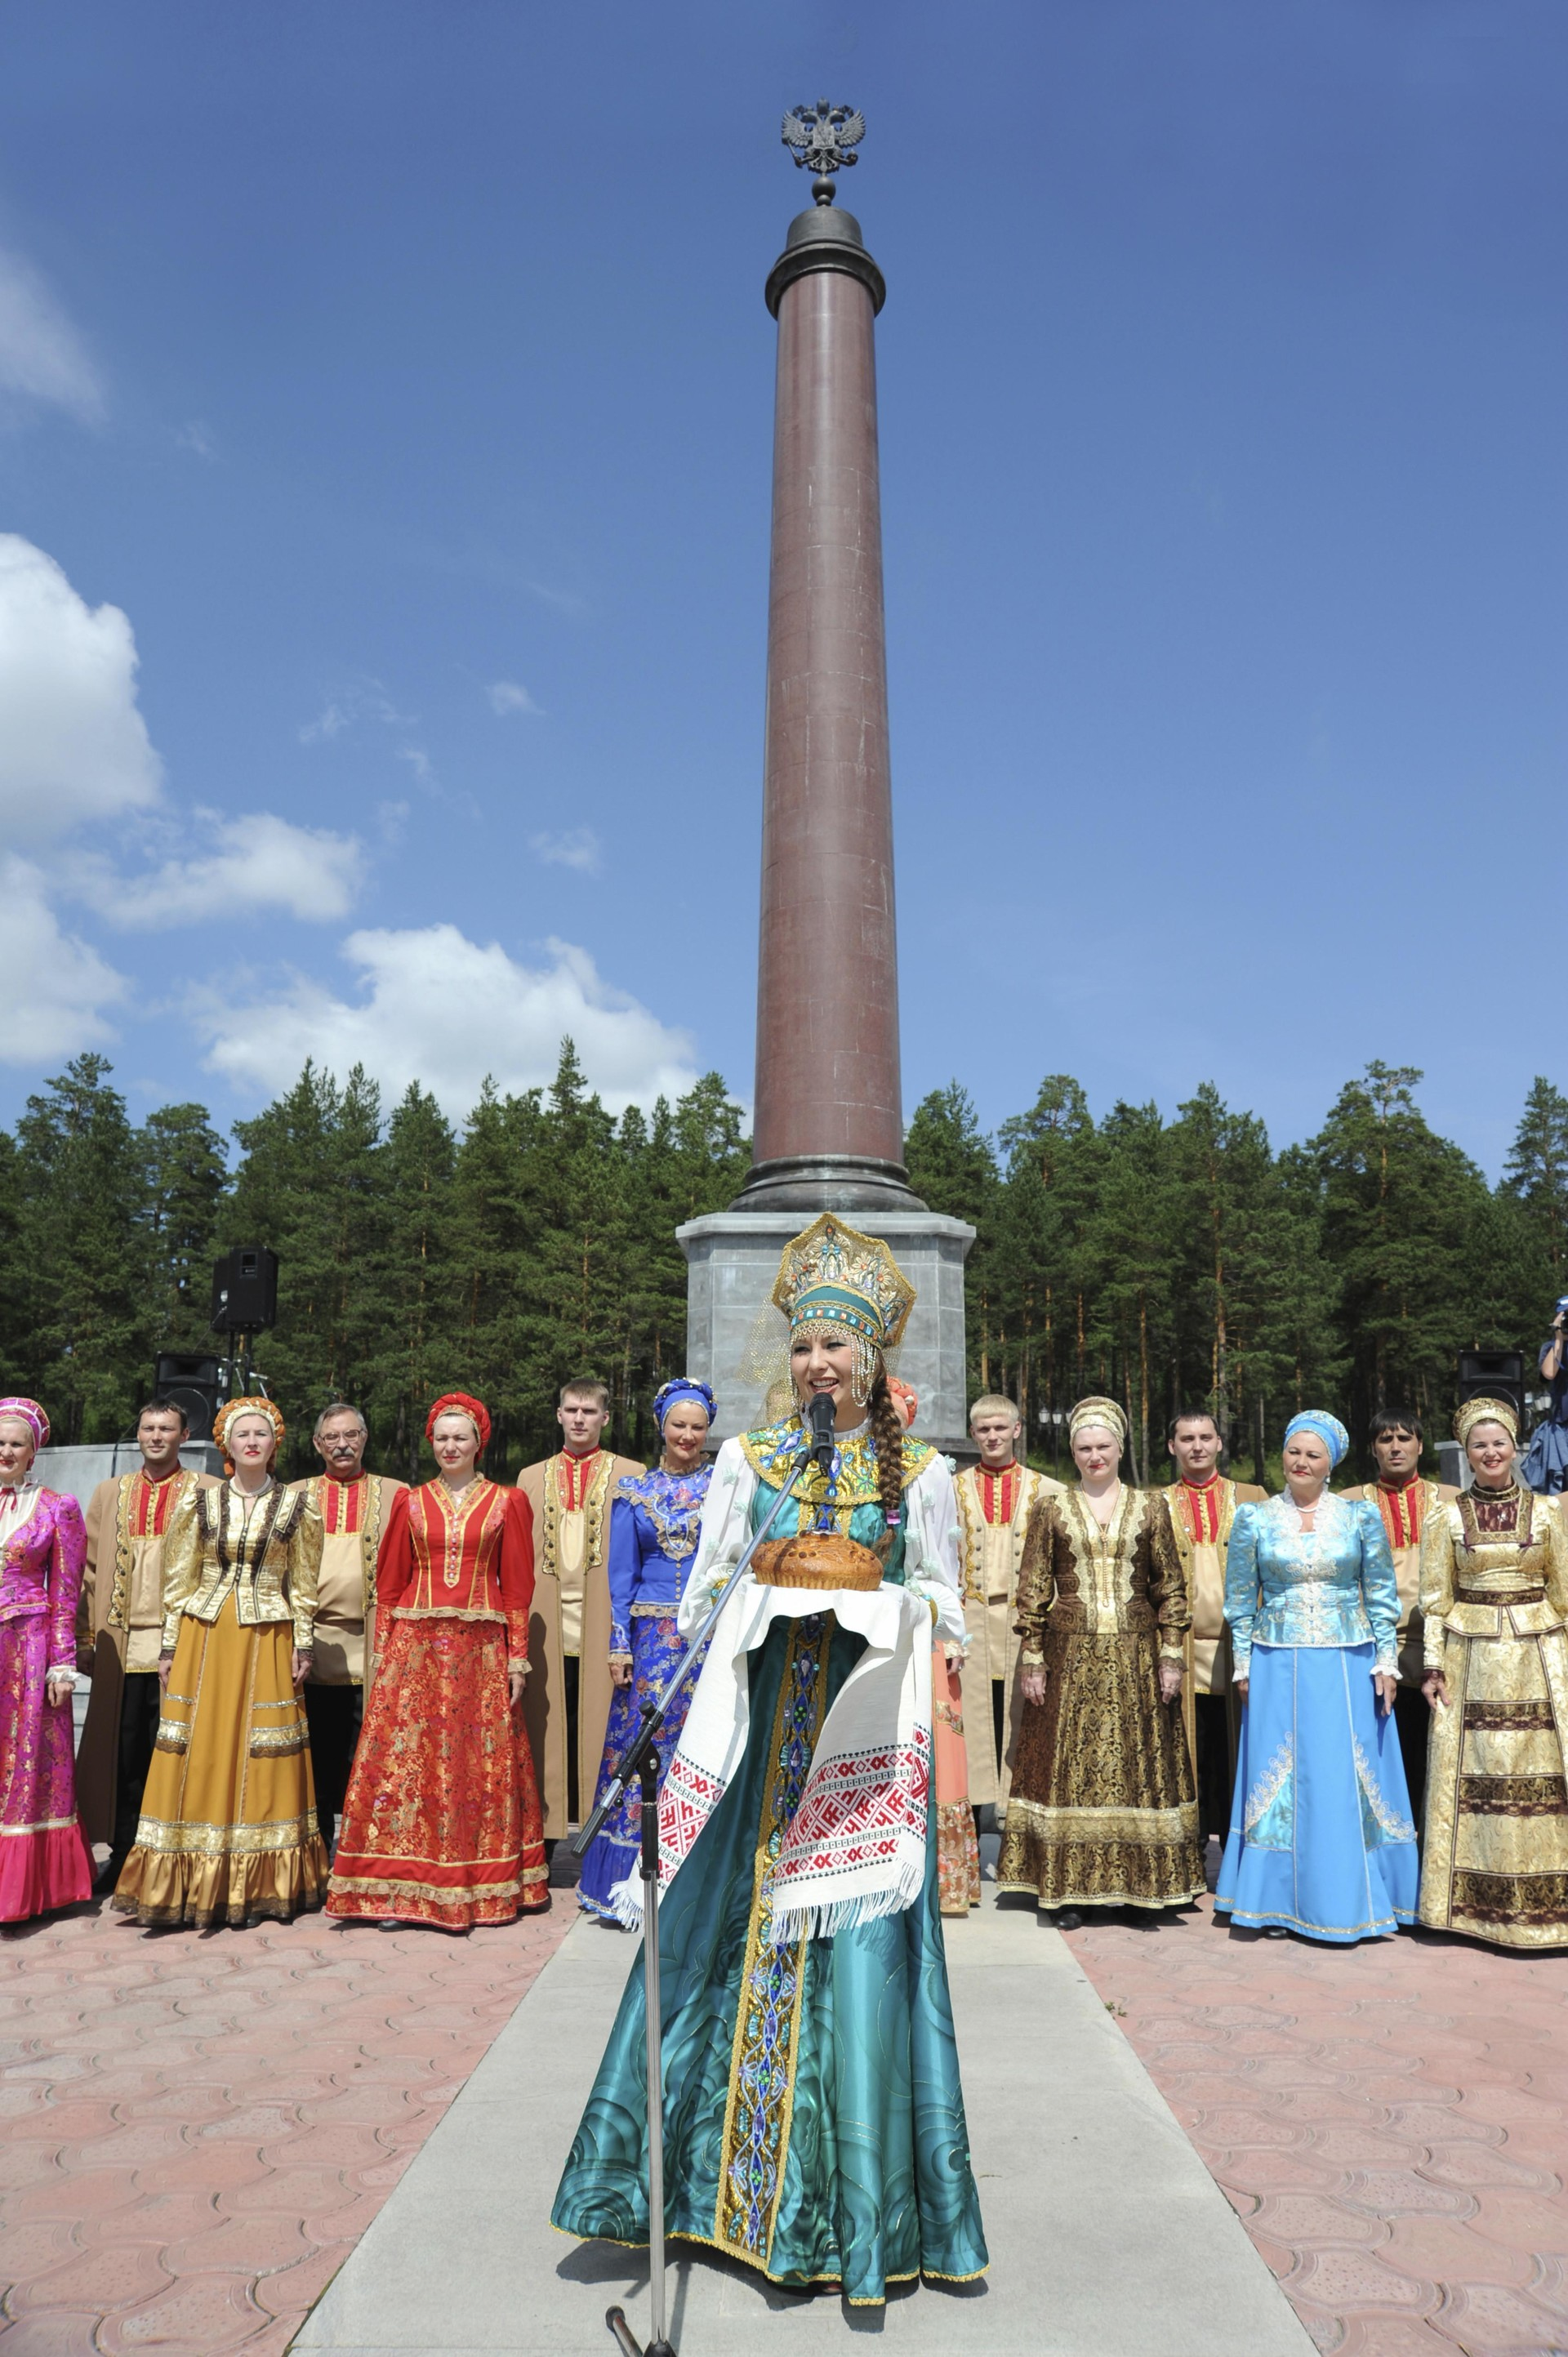 Pertunjukan seni di depan tugu yang menandai perbatasan Eropa dan Asia, di Ekaterinburg, Rusia.